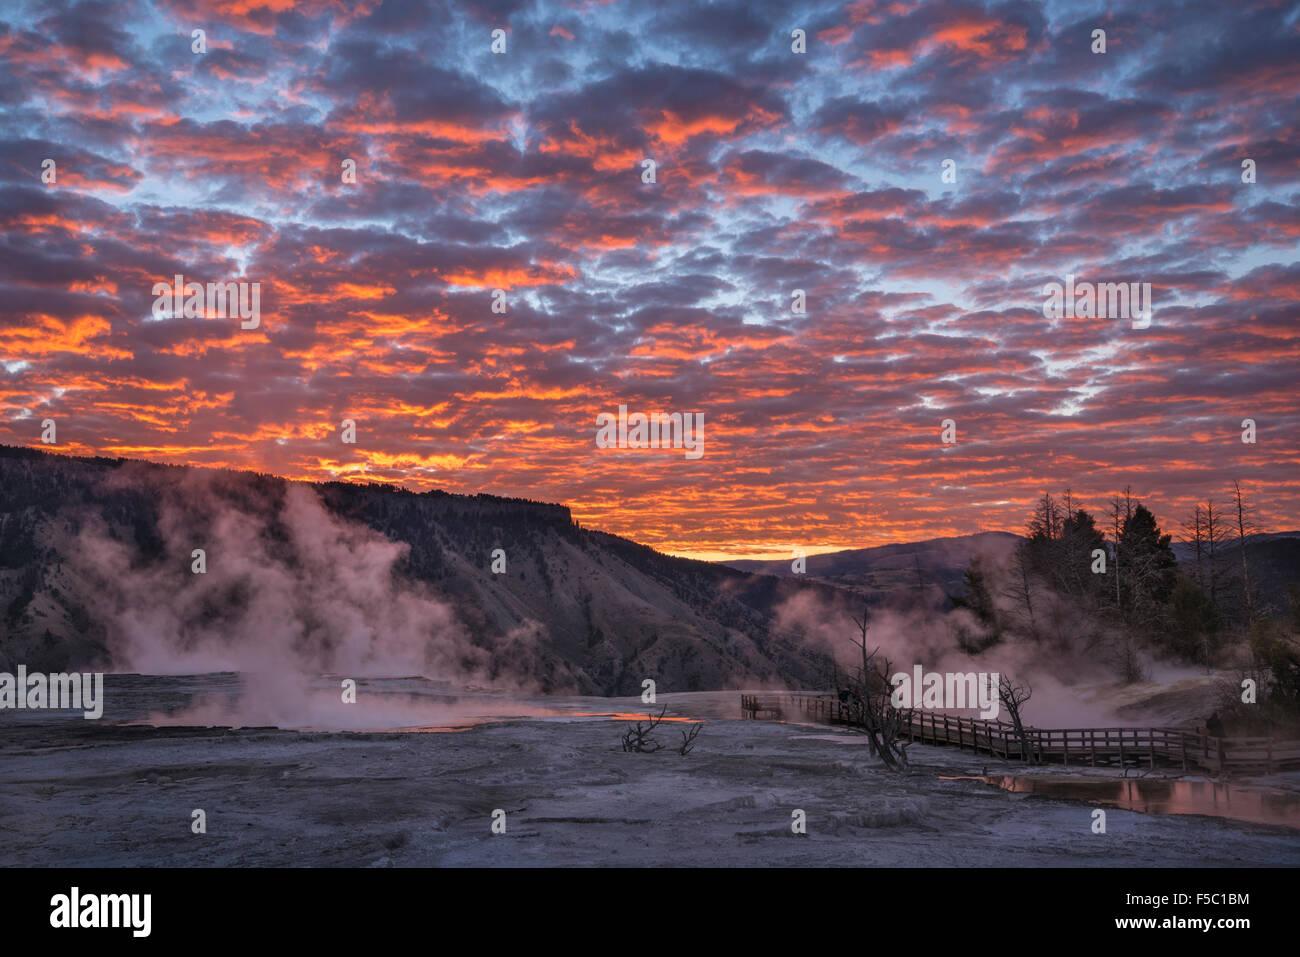 Lever du soleil nuages sur la terrasse de mammouth, le Parc National de Yellowstone, Wyoming. Photo Stock